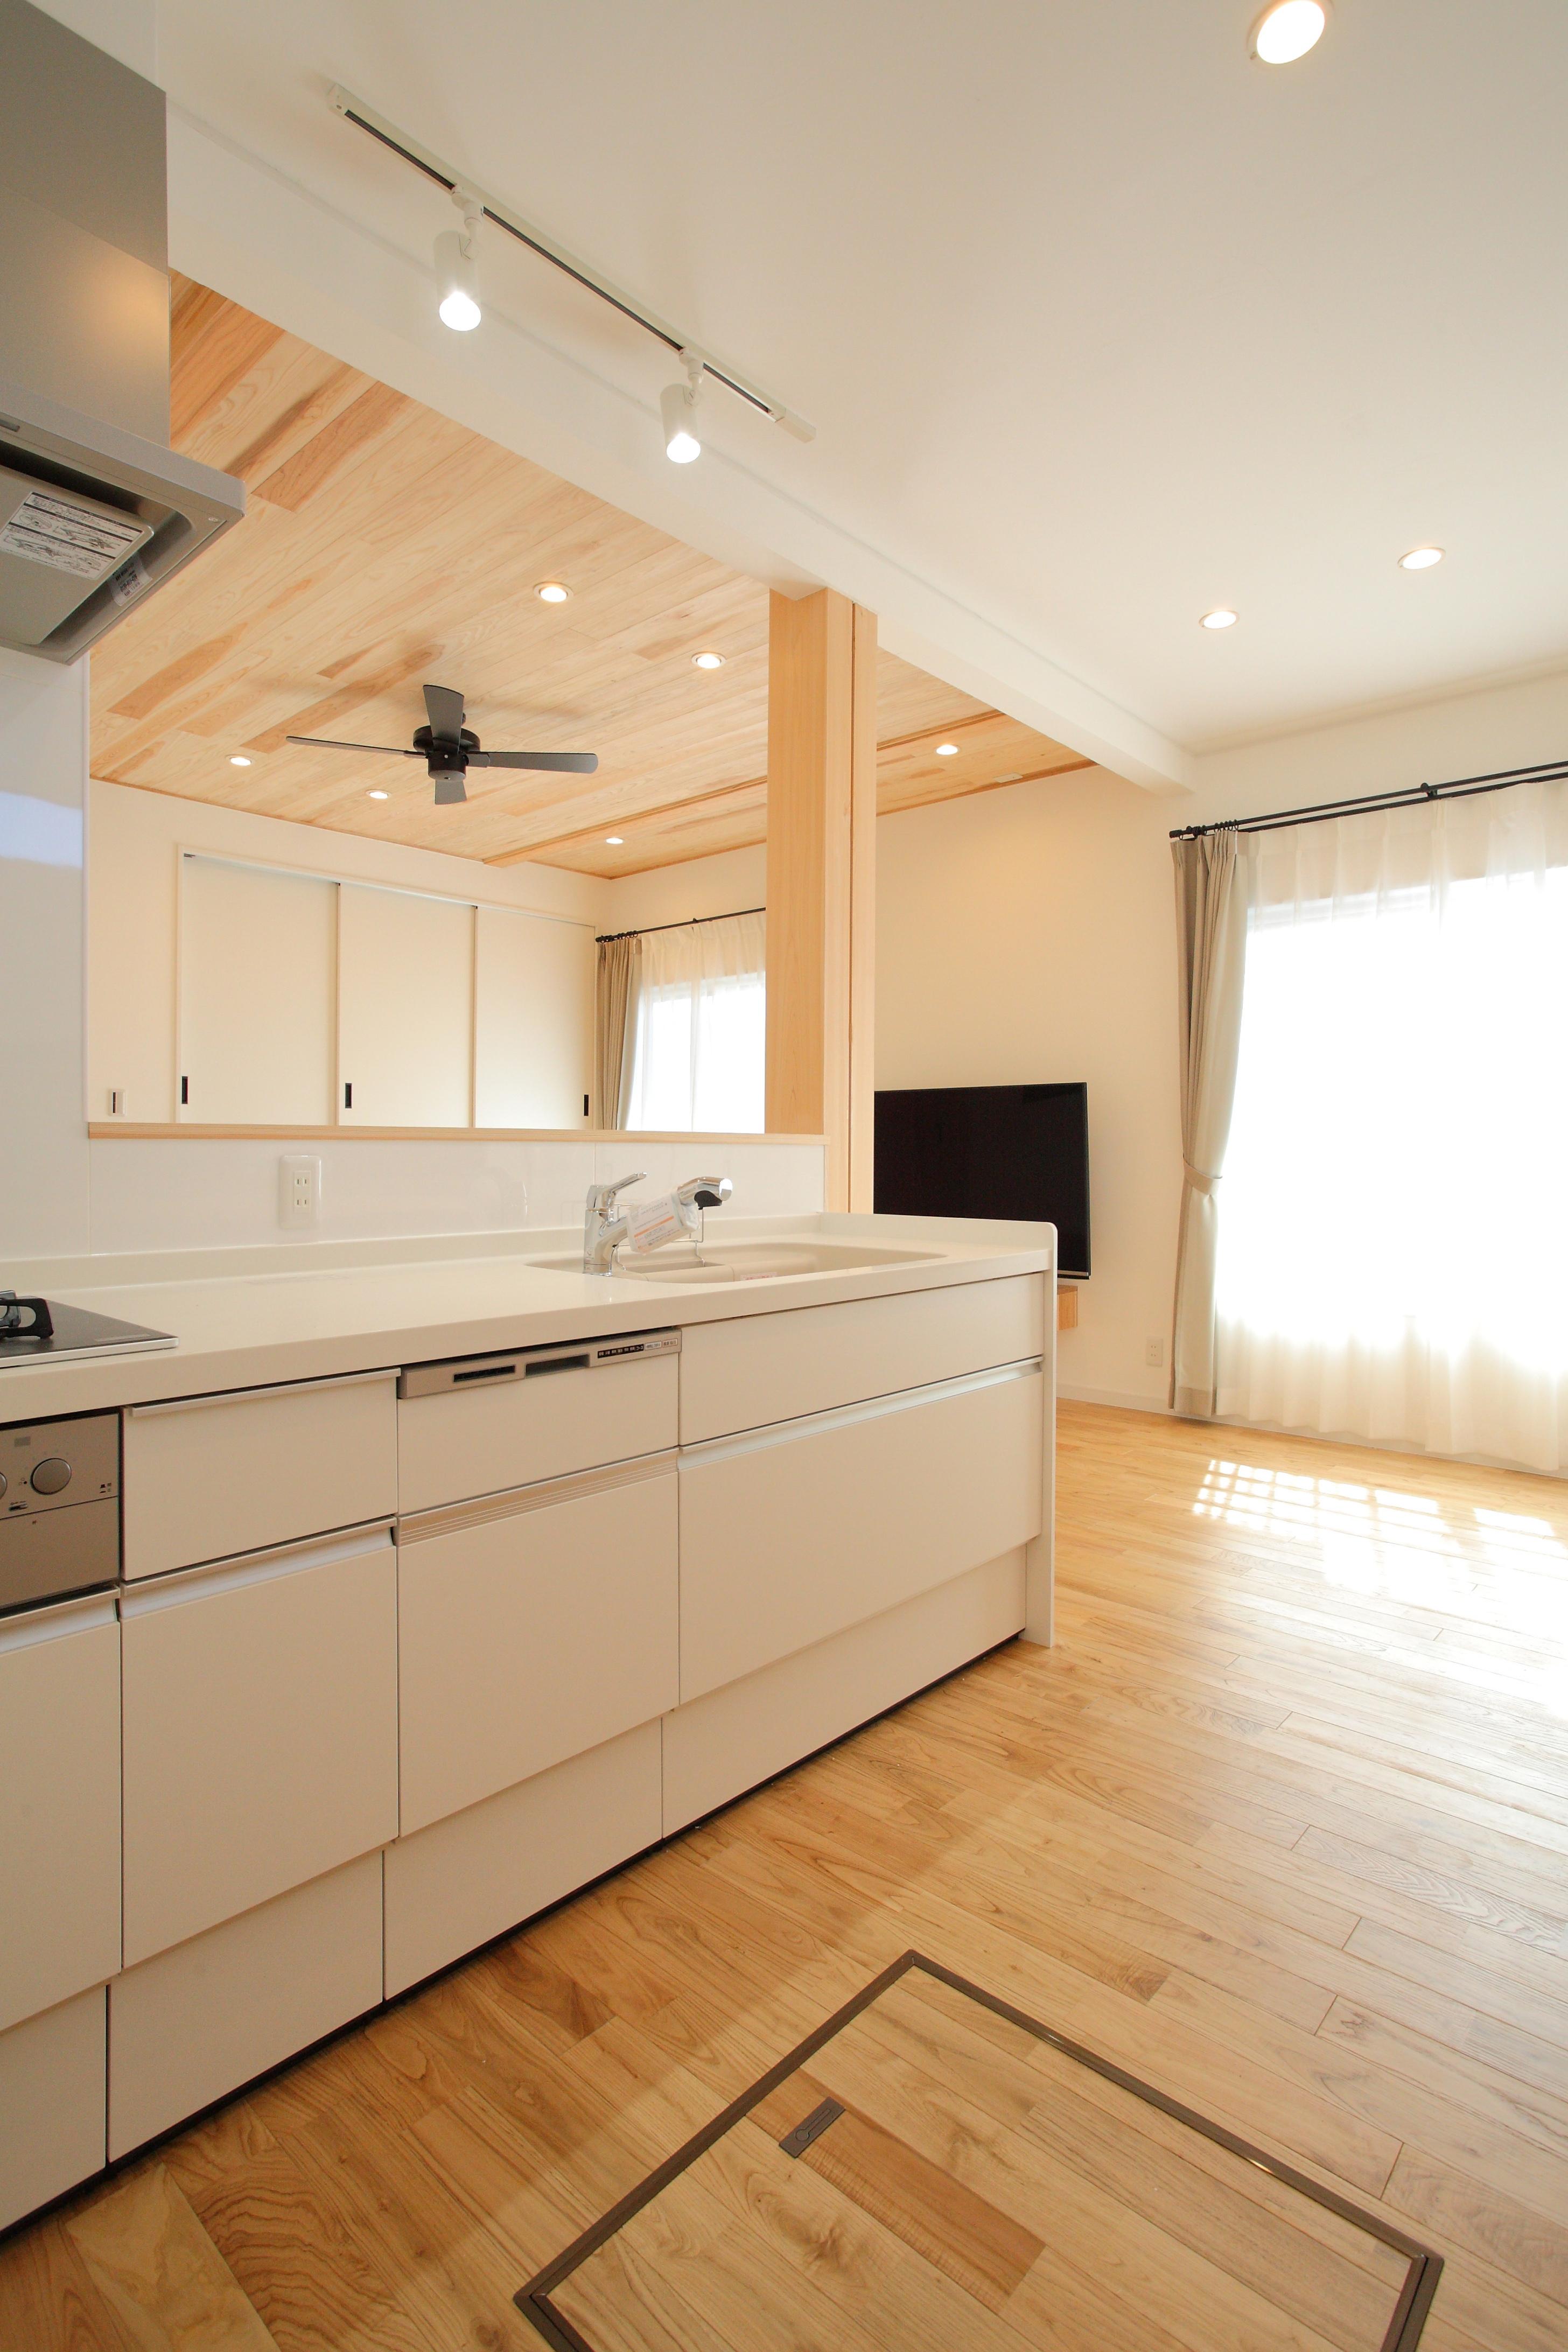 M邸 キッチン.JPG